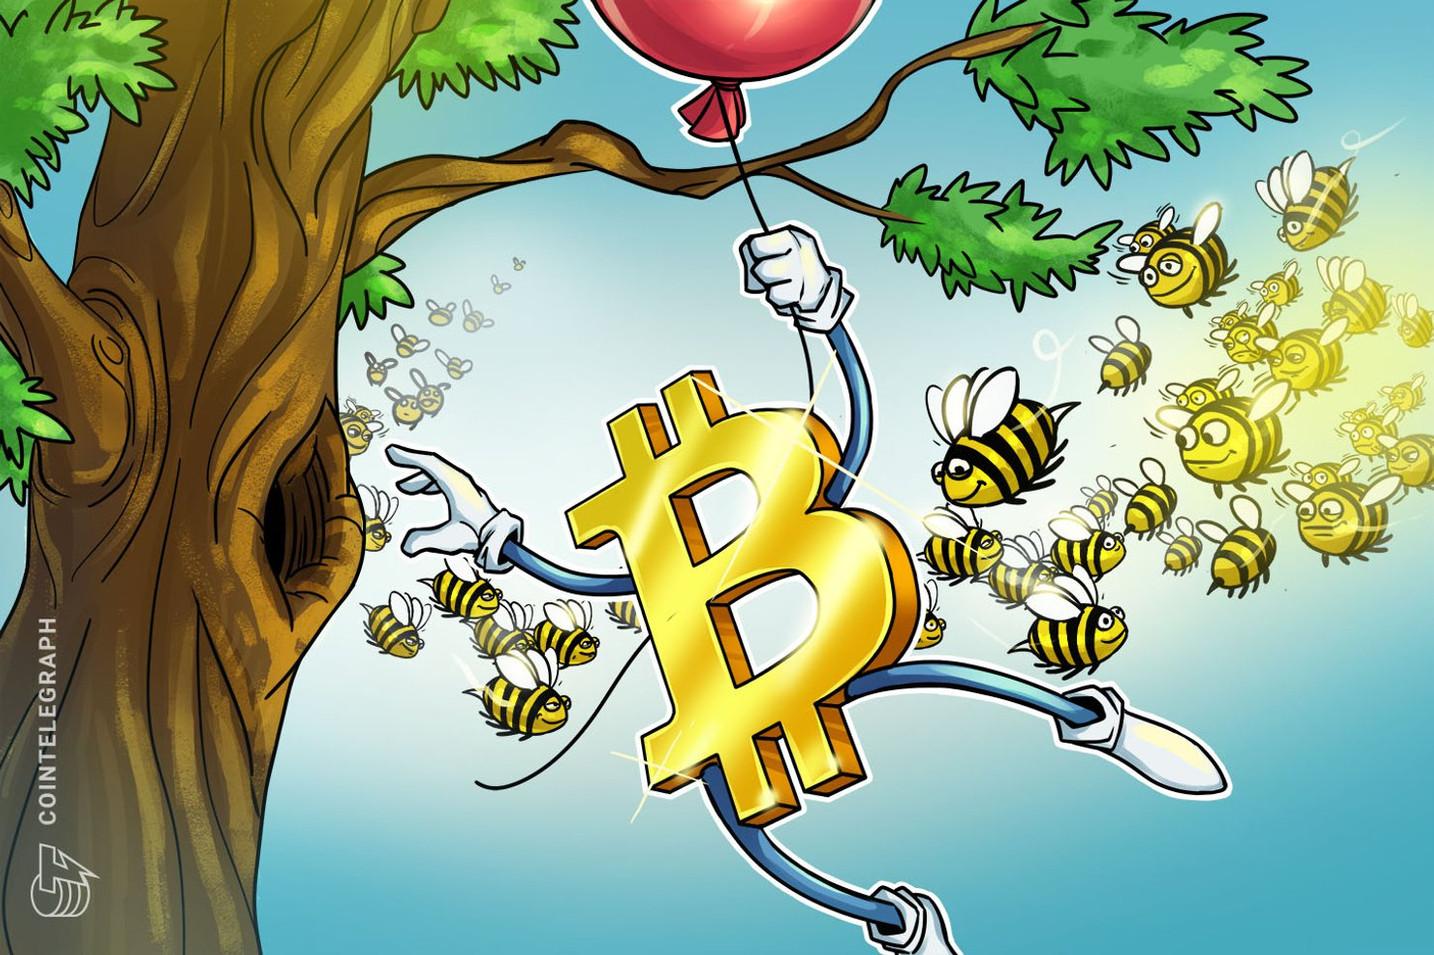 1ビットコイン(1BTC)はいくらなの?少額からでも爆益を狙えるから仮想通貨は最高!